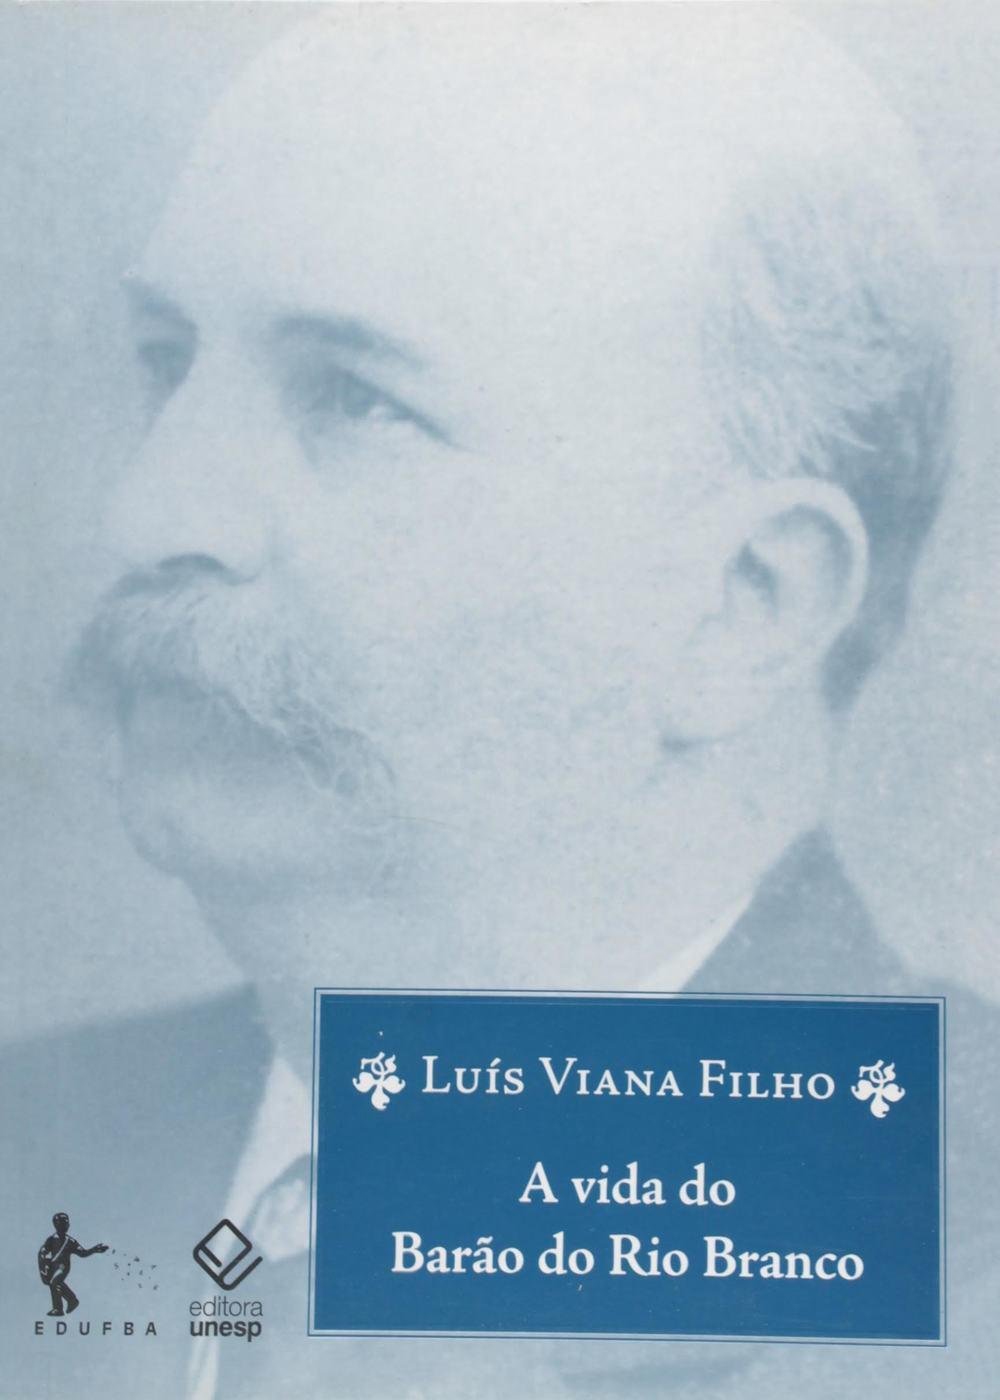 FILHO, Luis Viana - A vida do Barão do Rio Branco.jpg